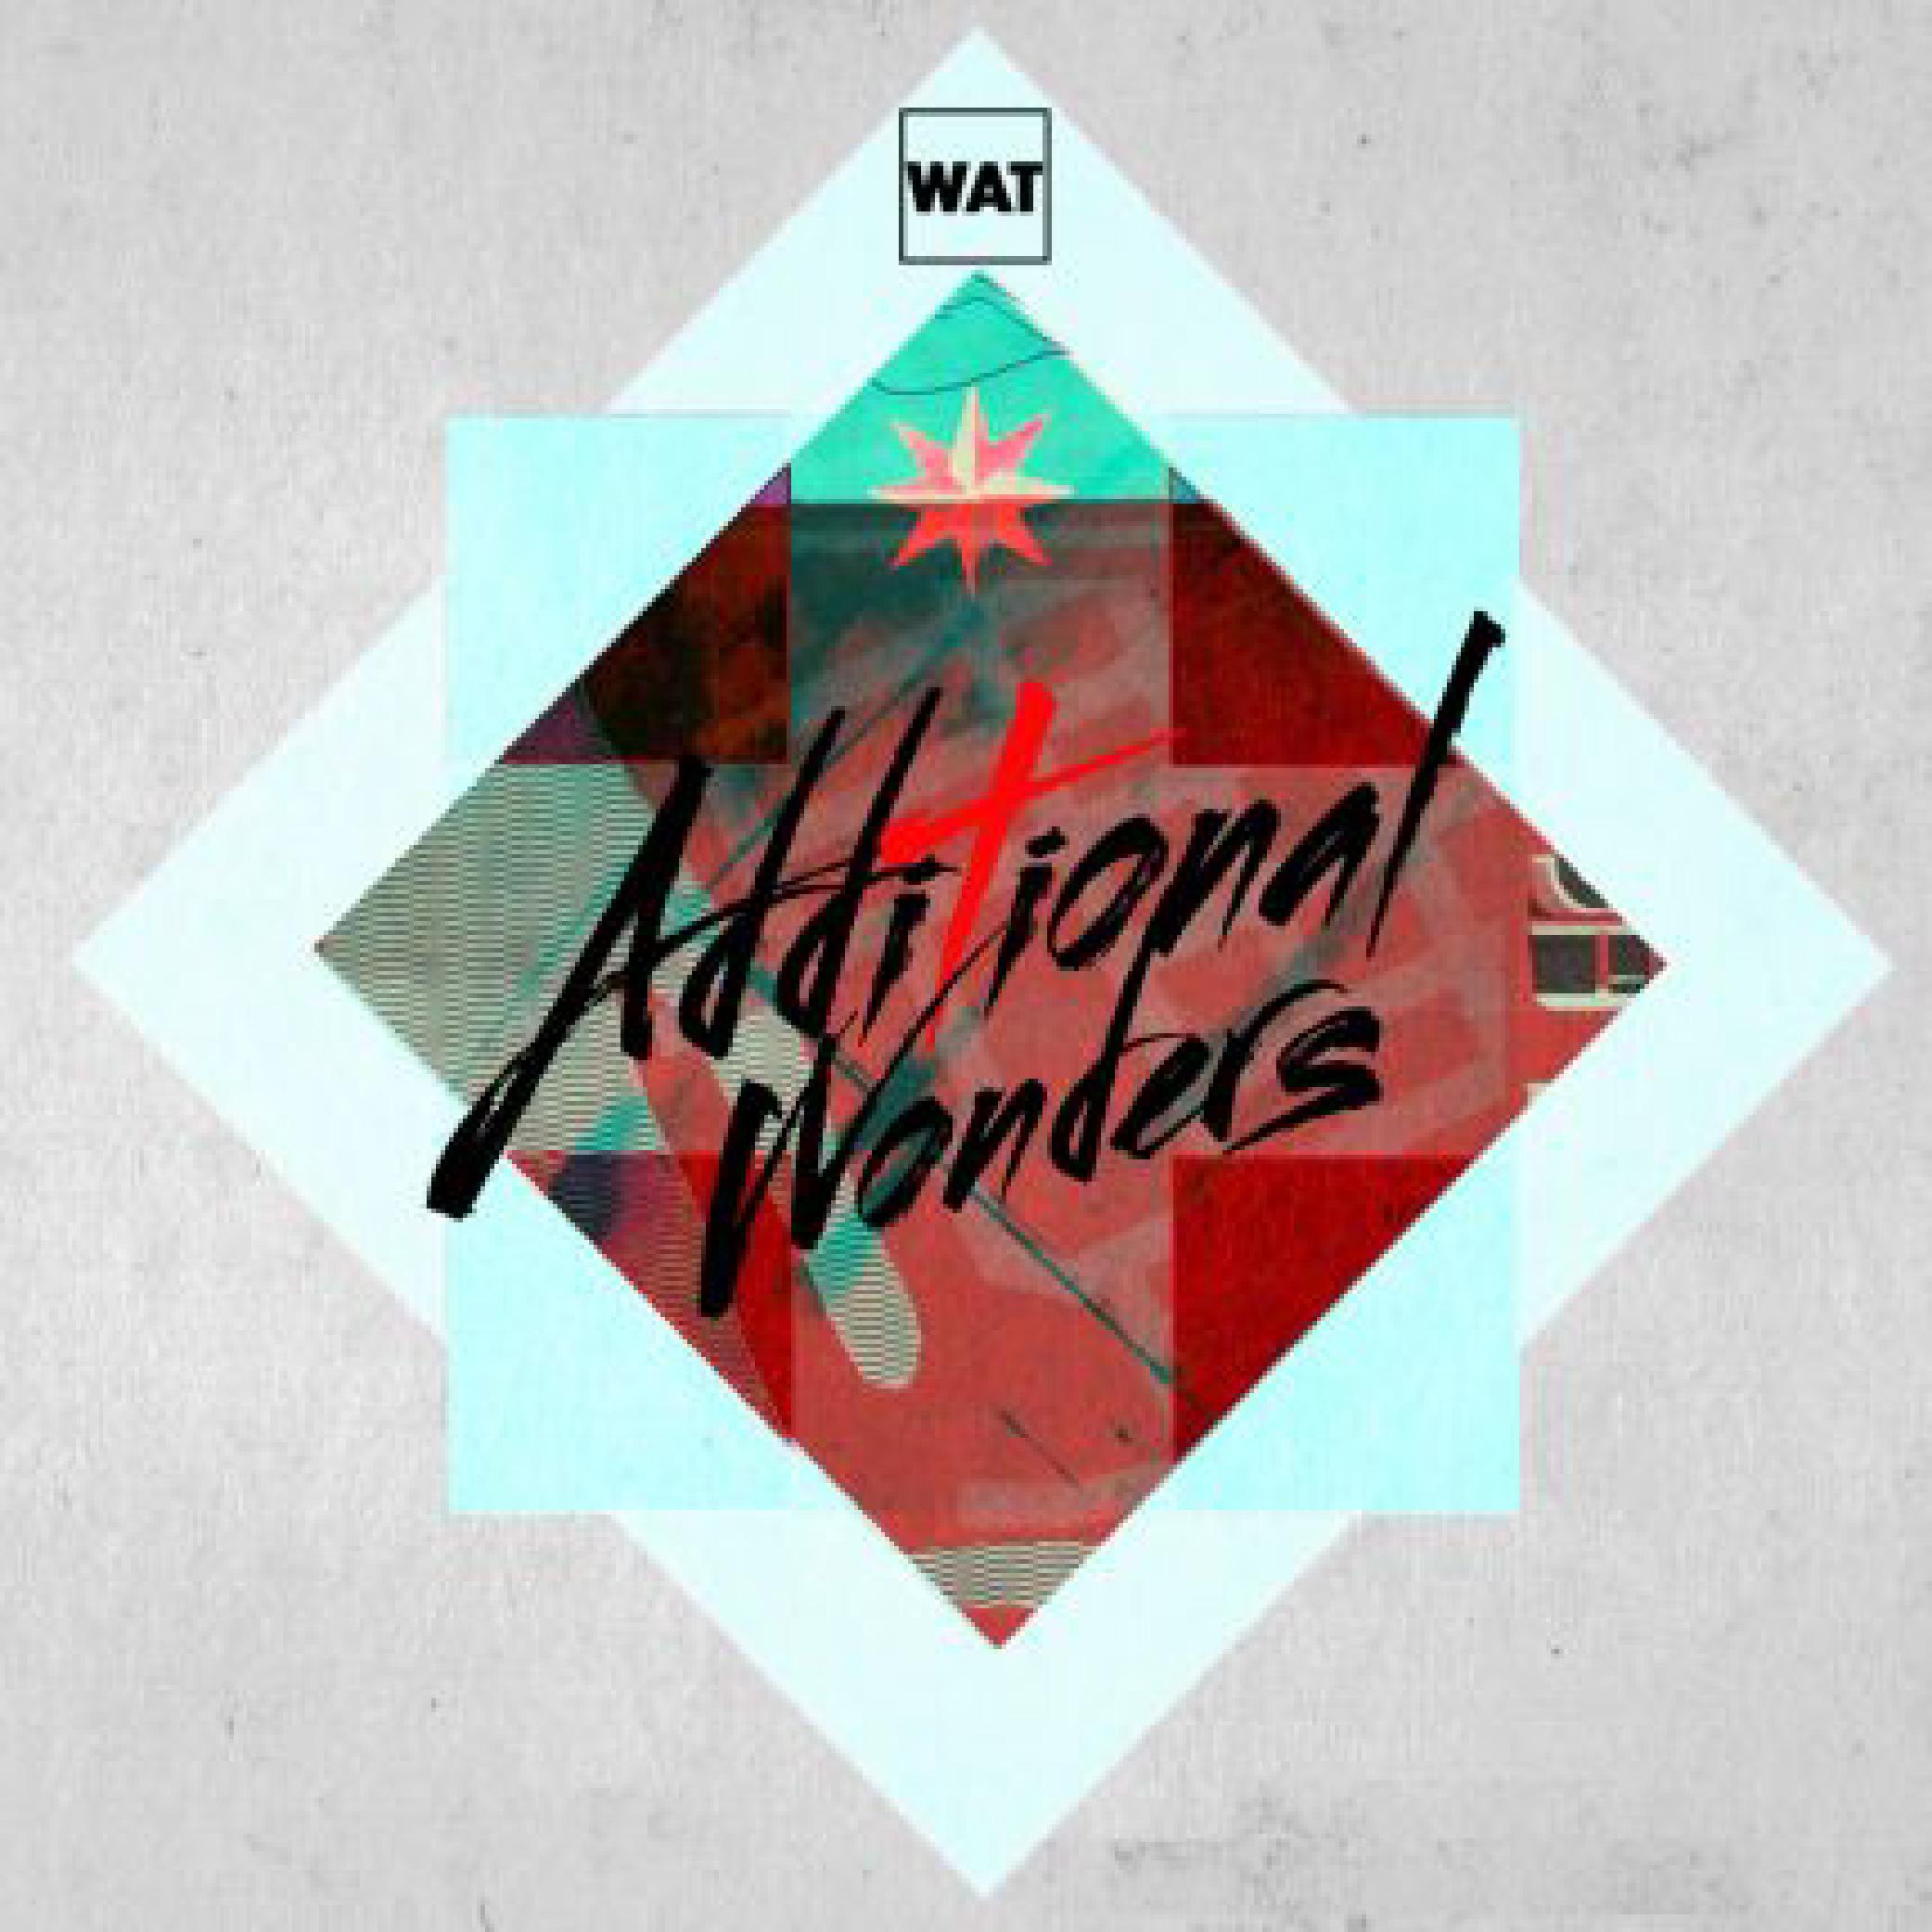 WAT - Additional Wonder